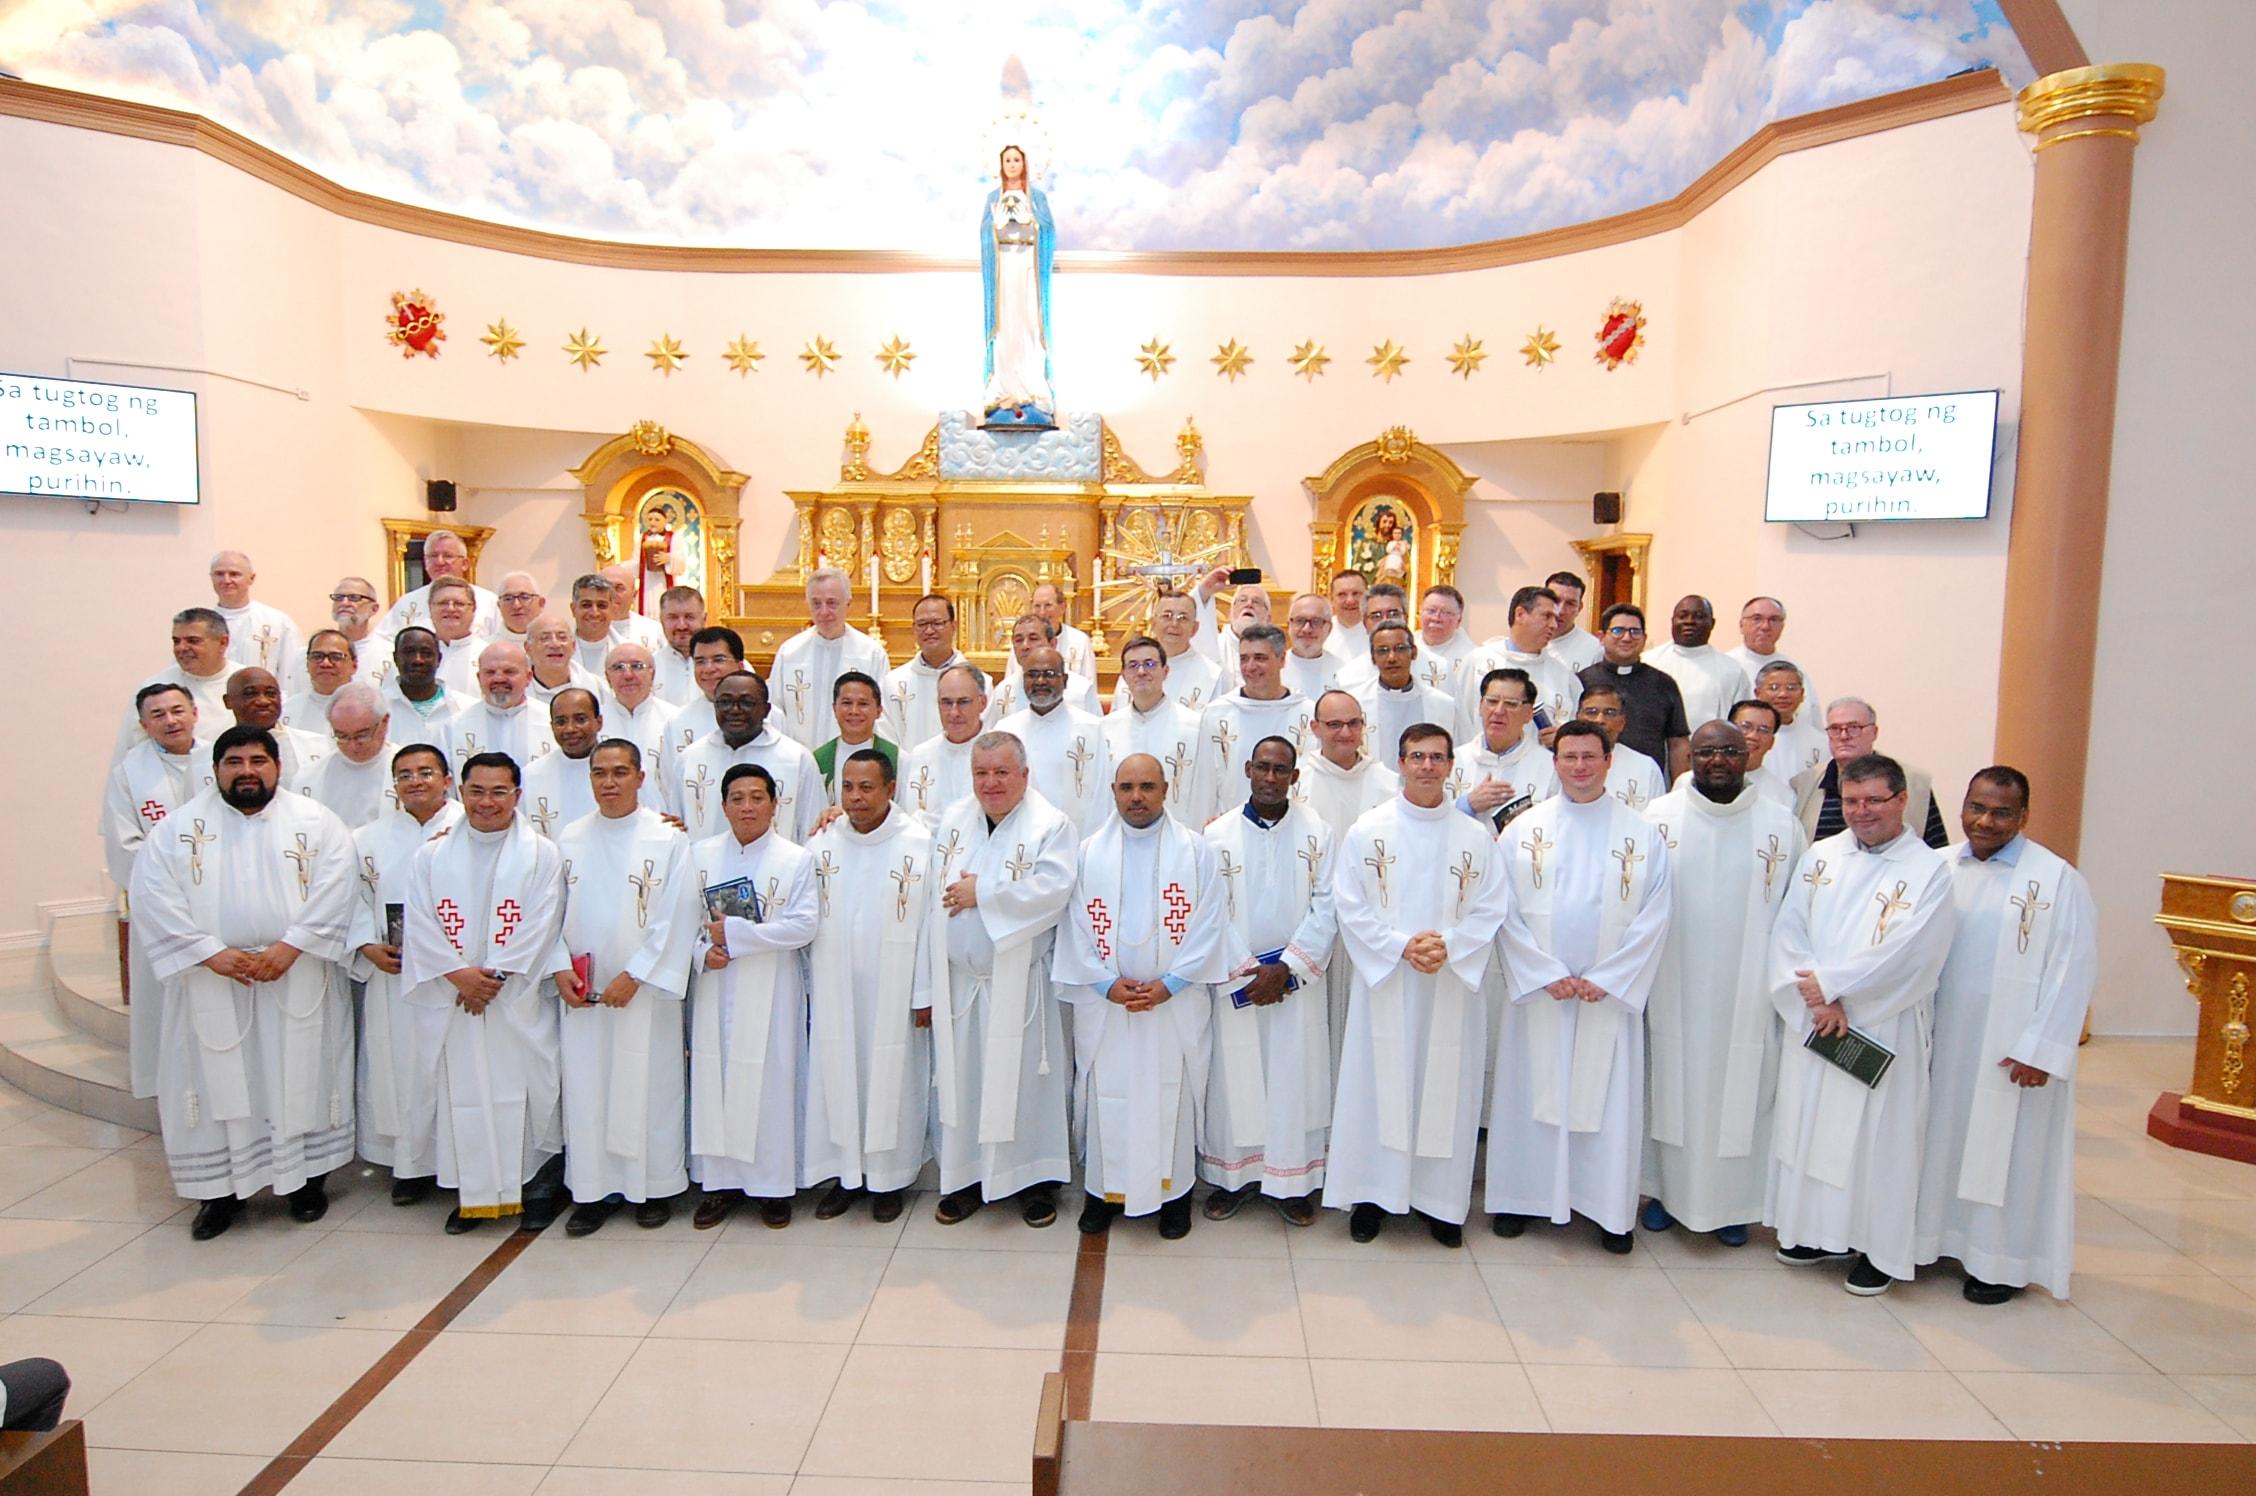 Visita a la Parroquia de Ina ng Lupang Pangako (Nuestra Señora de la Tierra Prometida)